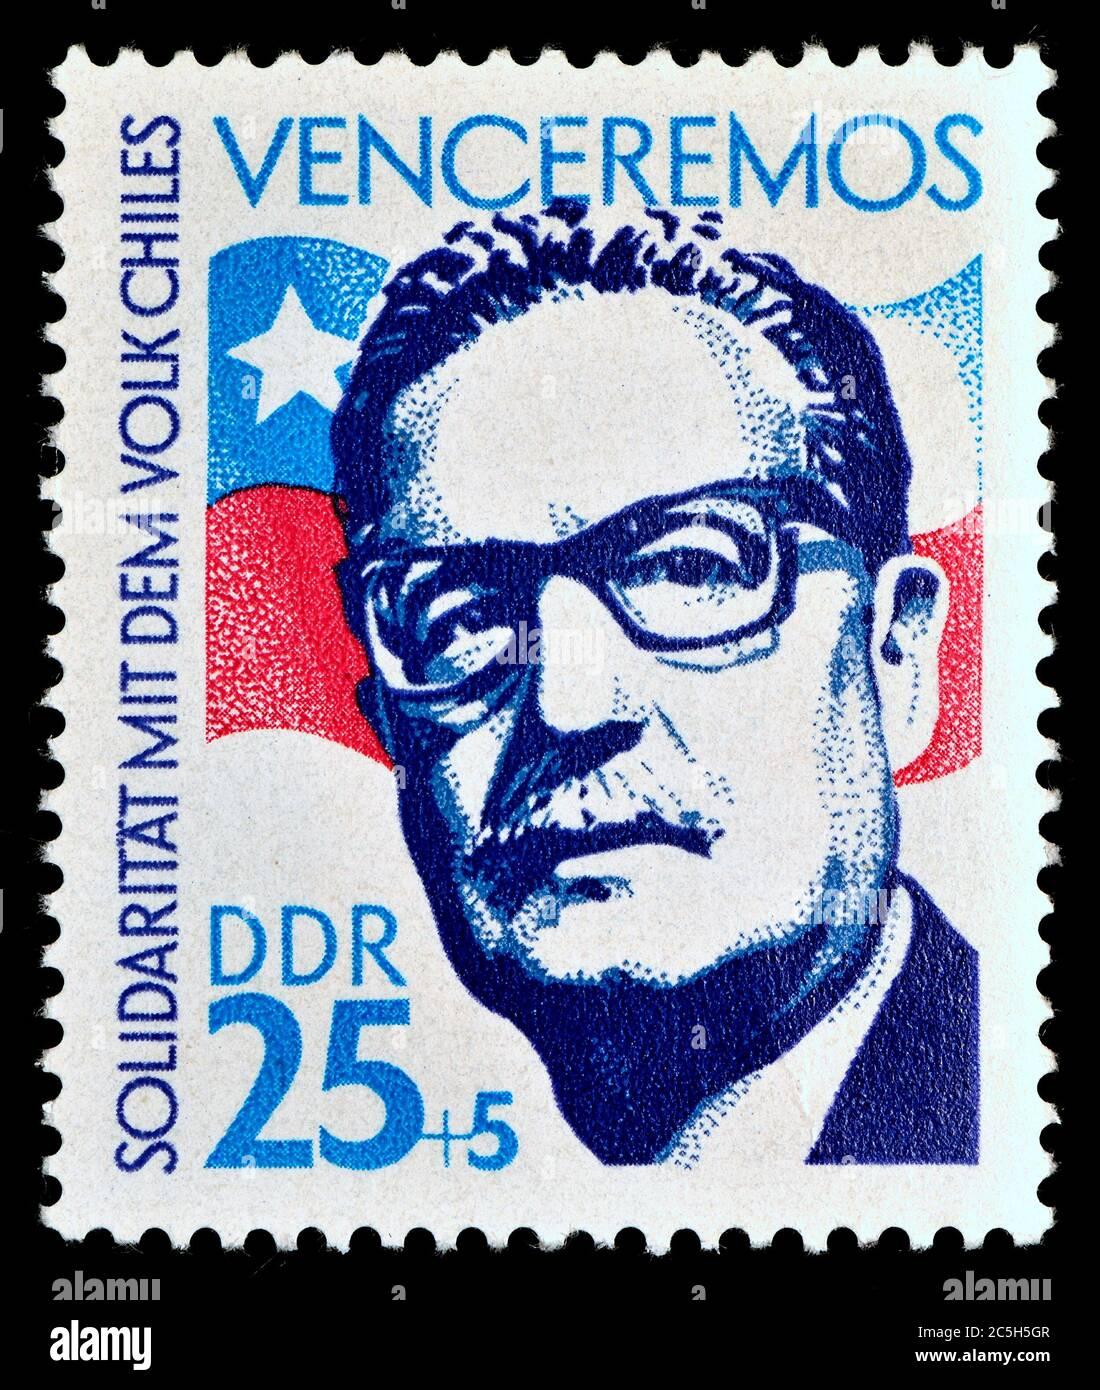 Sello postal de Alemania Oriental (1973) : Salvador Guillermo Allende Gossens (1908 – 1973) político socialista chileno y médico, Presidente de Chile Foto de stock